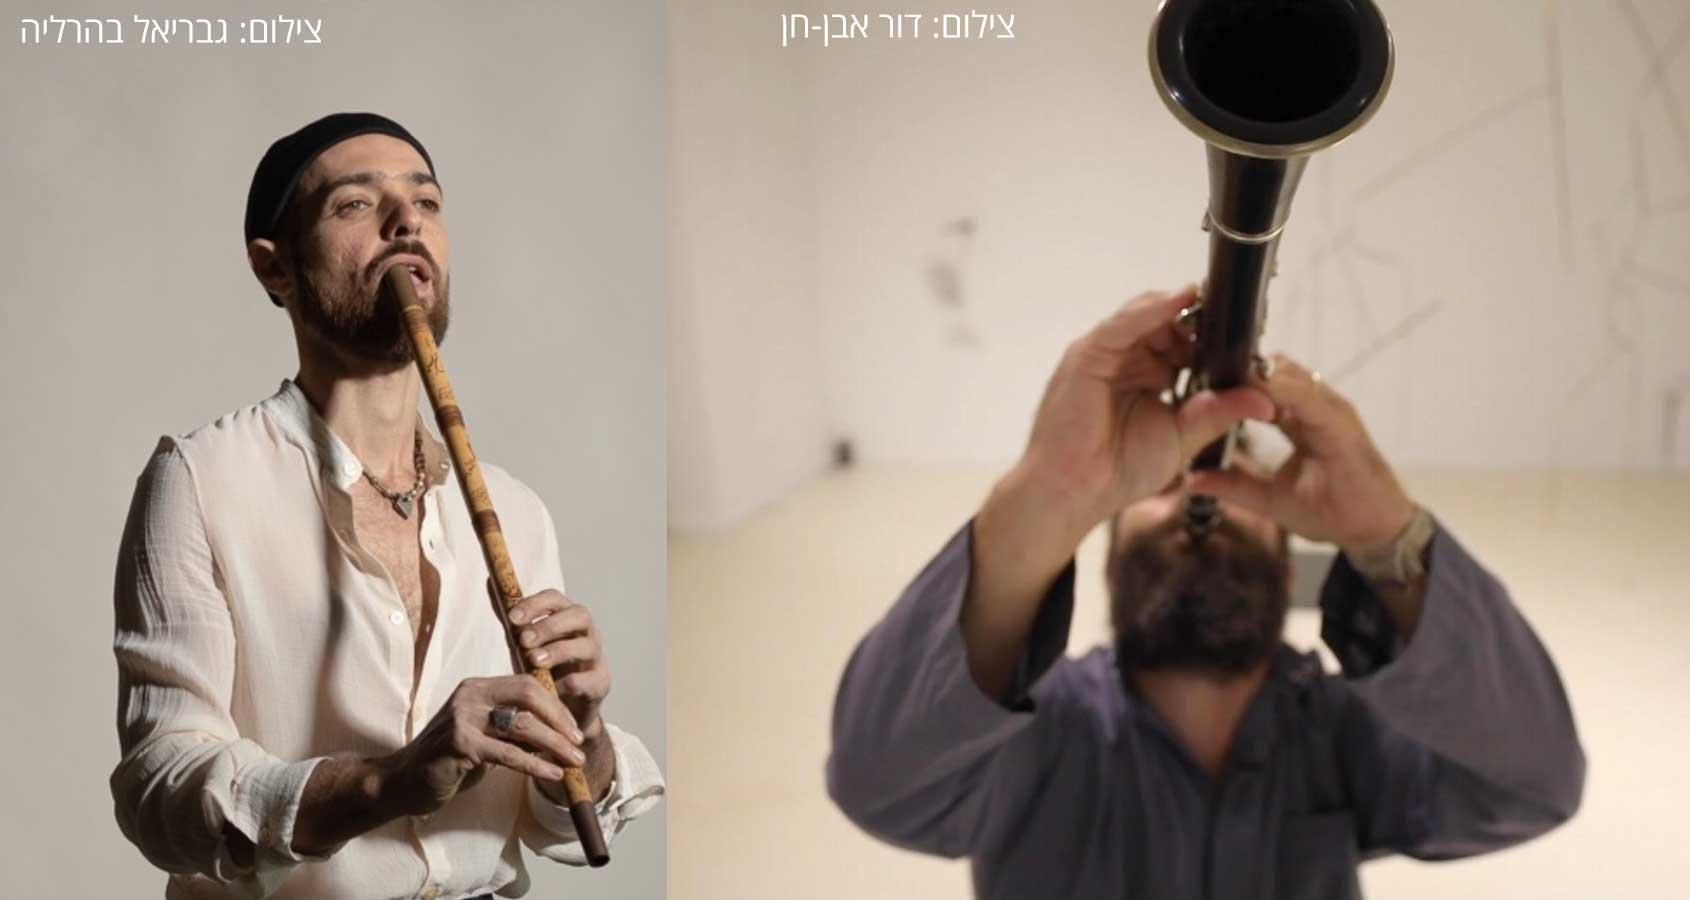 נגן סקסופון ונגן חליל באירועים מוזיקלאים של רמת השרון אוקטובר 2021. צילומים: דור אבן-חן וגבריאל בהרליה